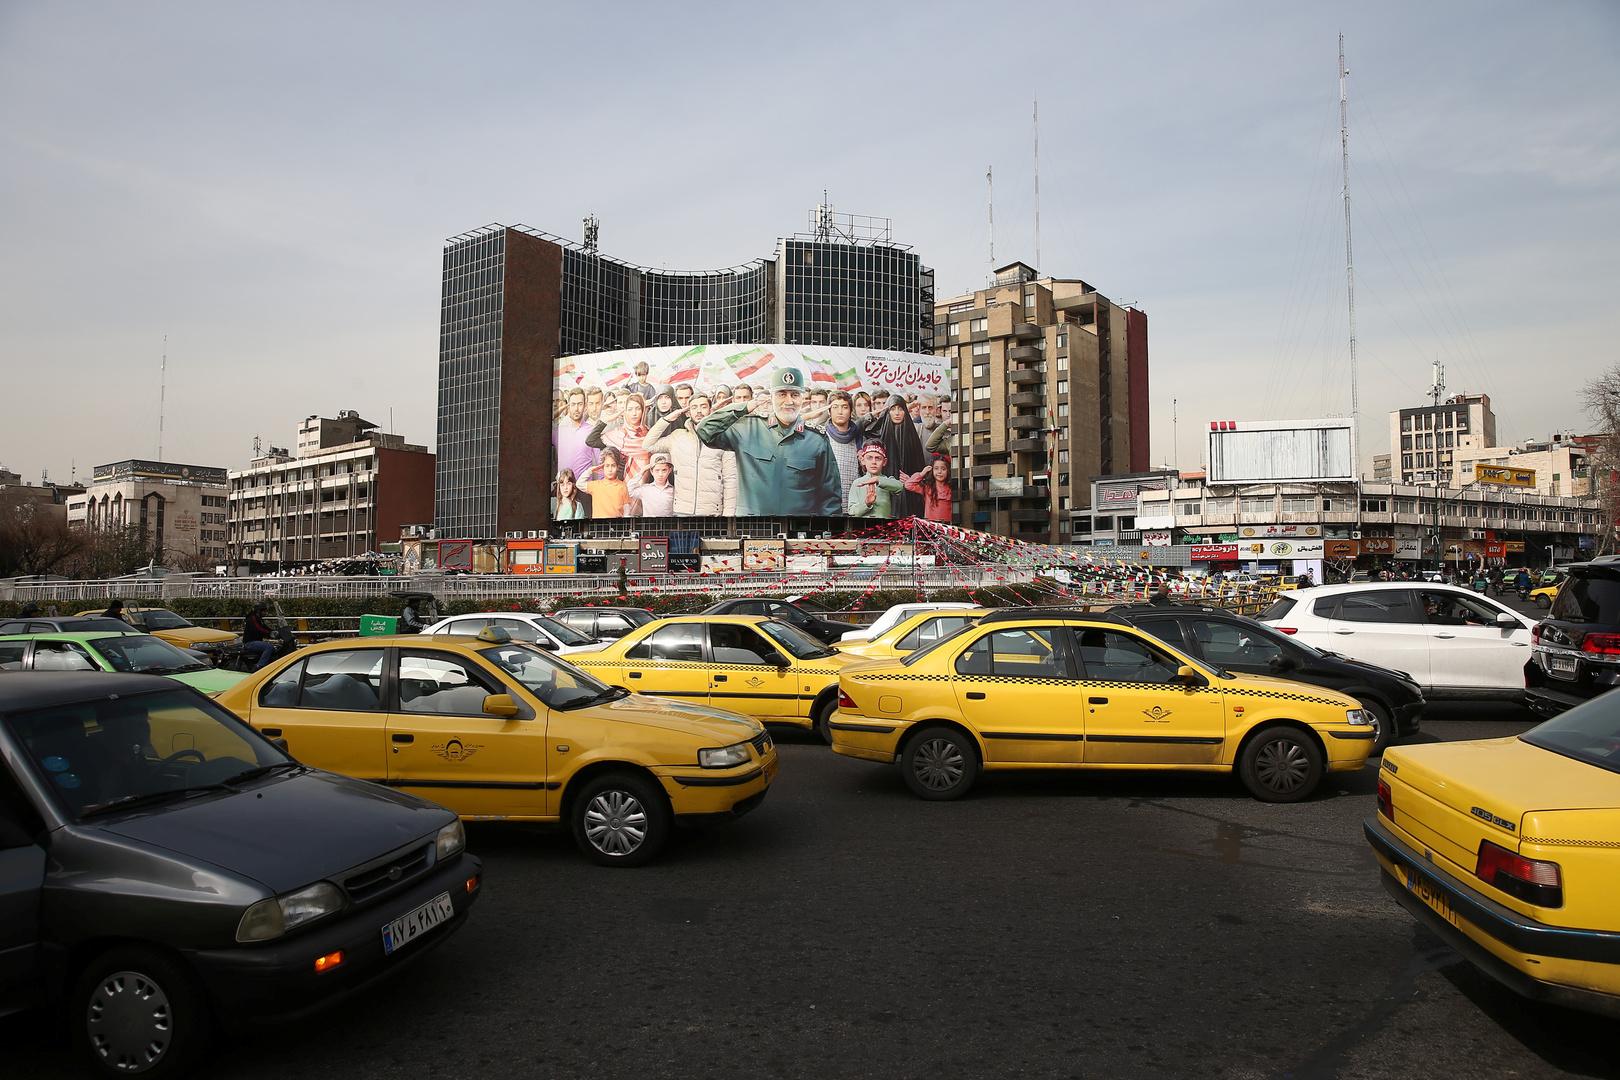 مسؤول إيراني: واشنطن وافقت على الإفراج عن أرصدة لطهران بقيمة 3 مليارات دولار في 3 دول